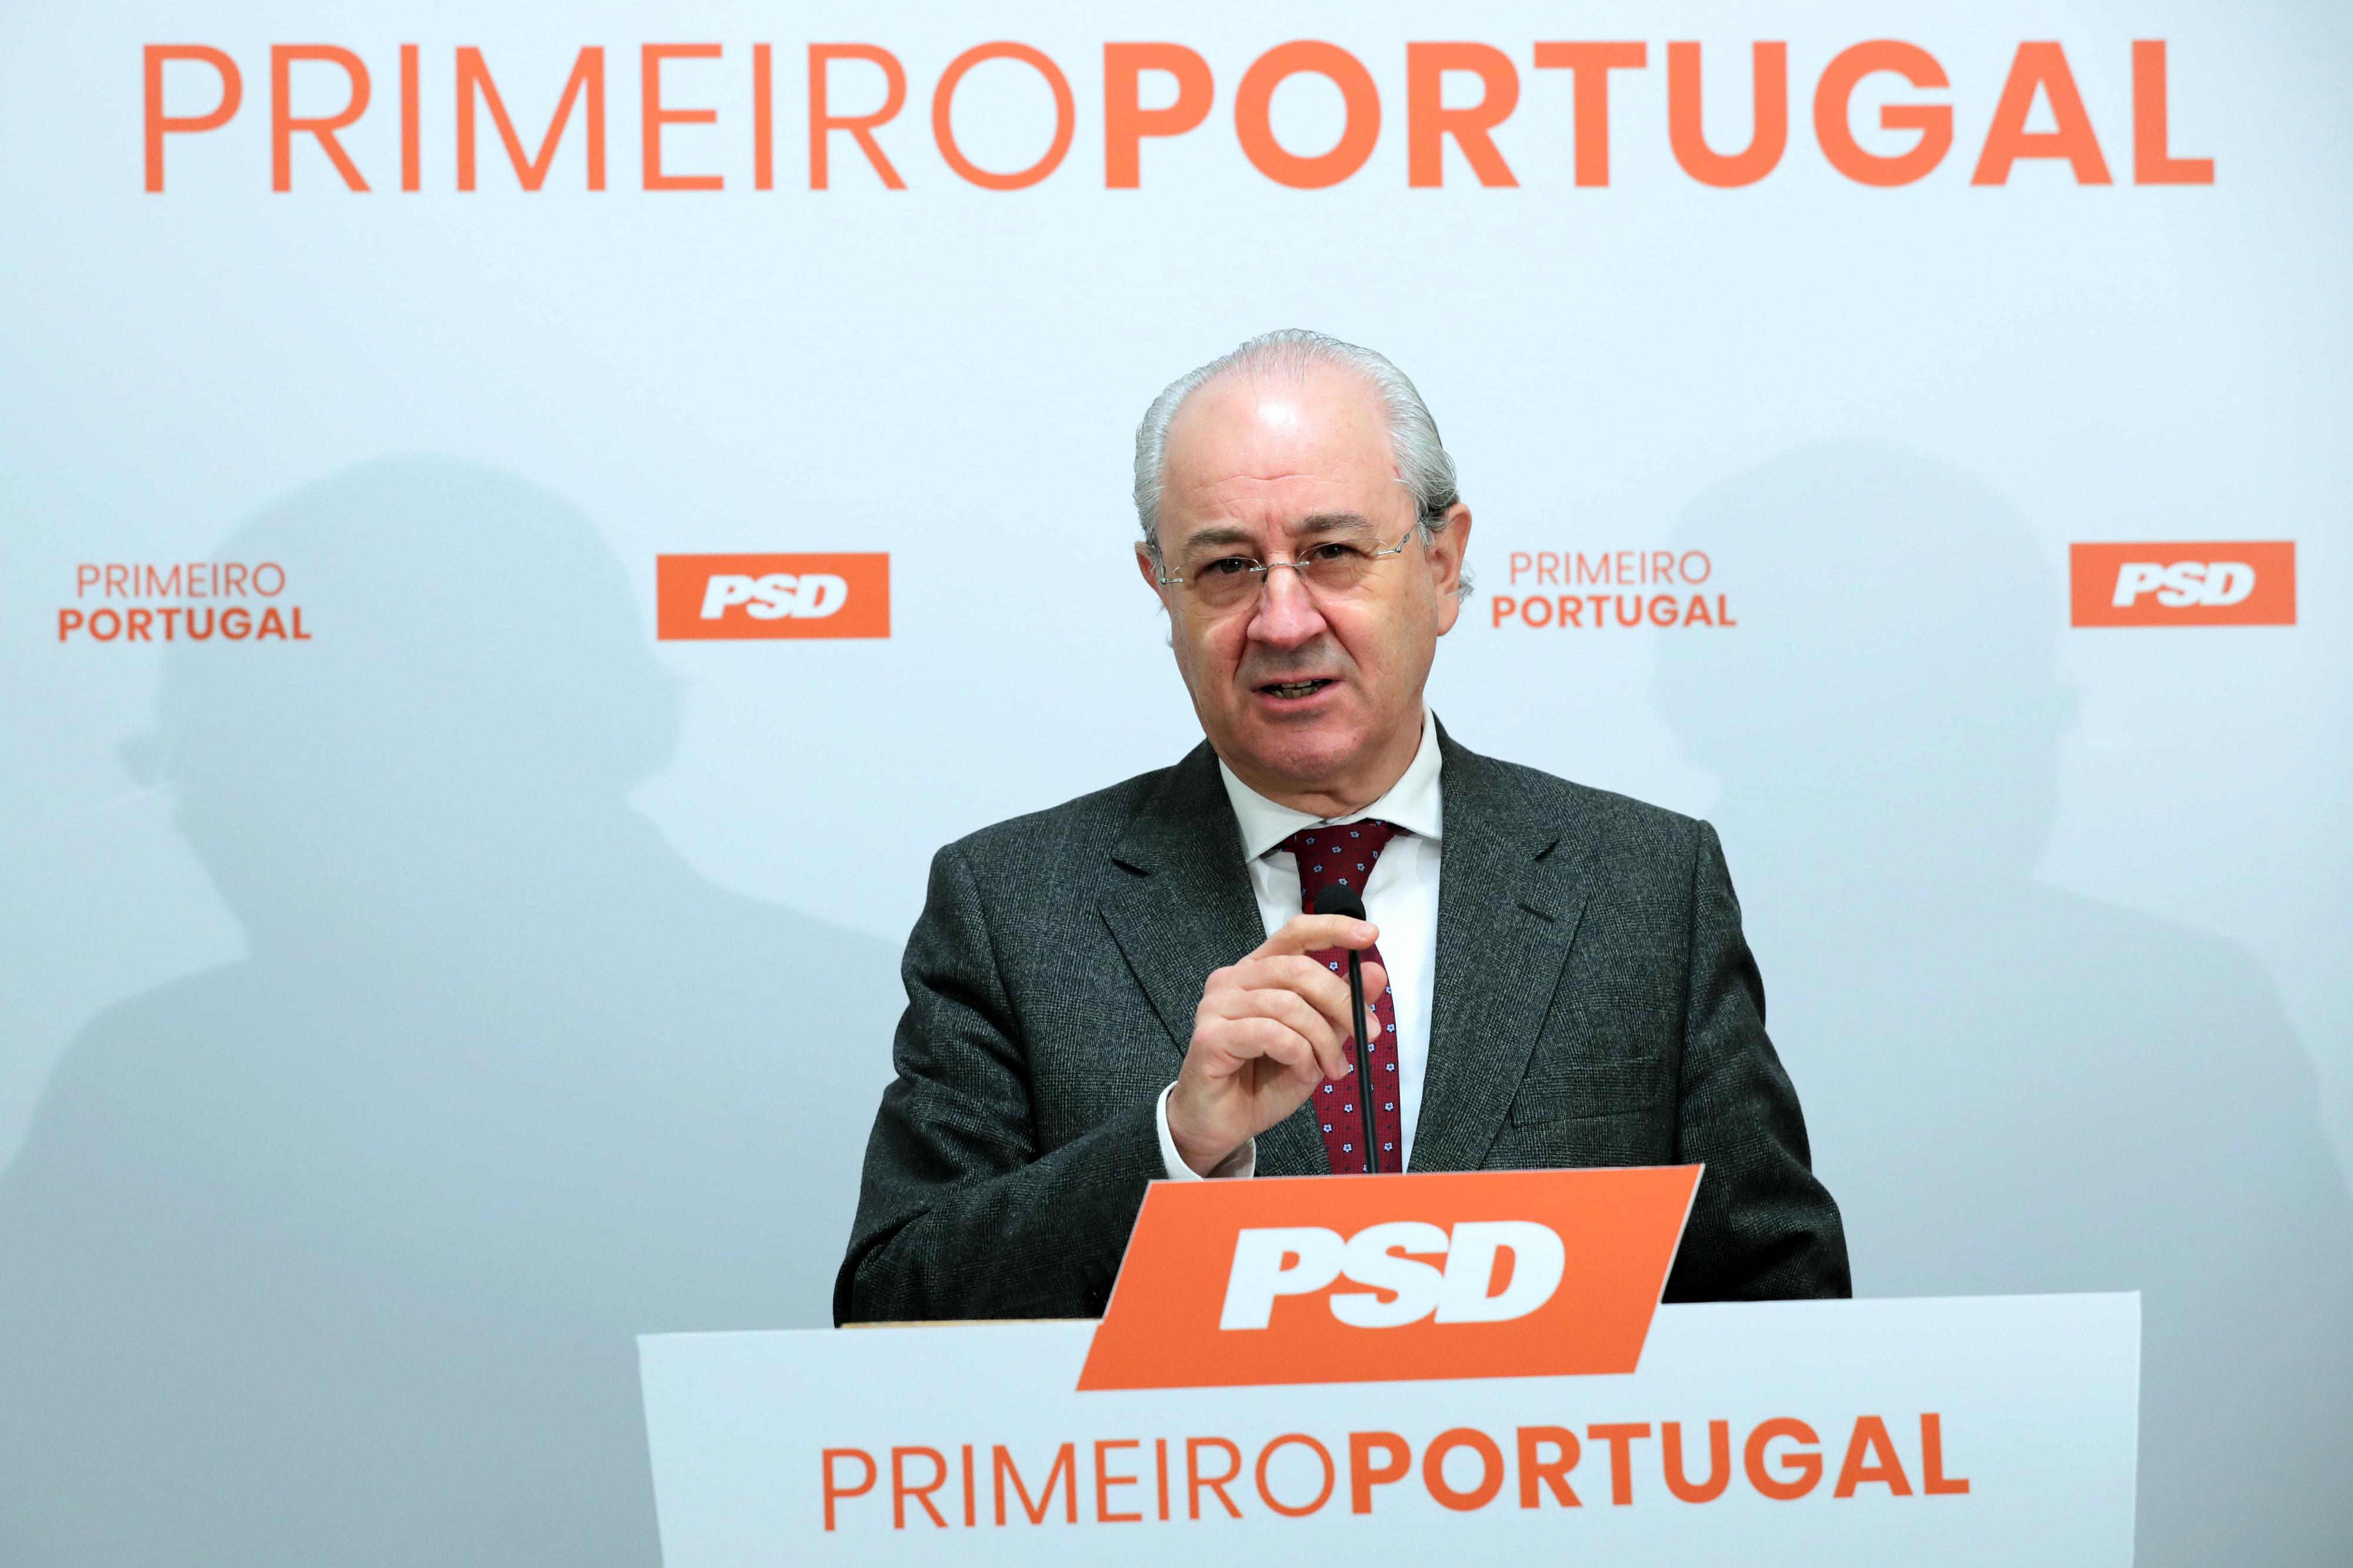 """Rio aponta descontentamento com partidos, mas admite que """"não é fácil"""" fazer diferente"""